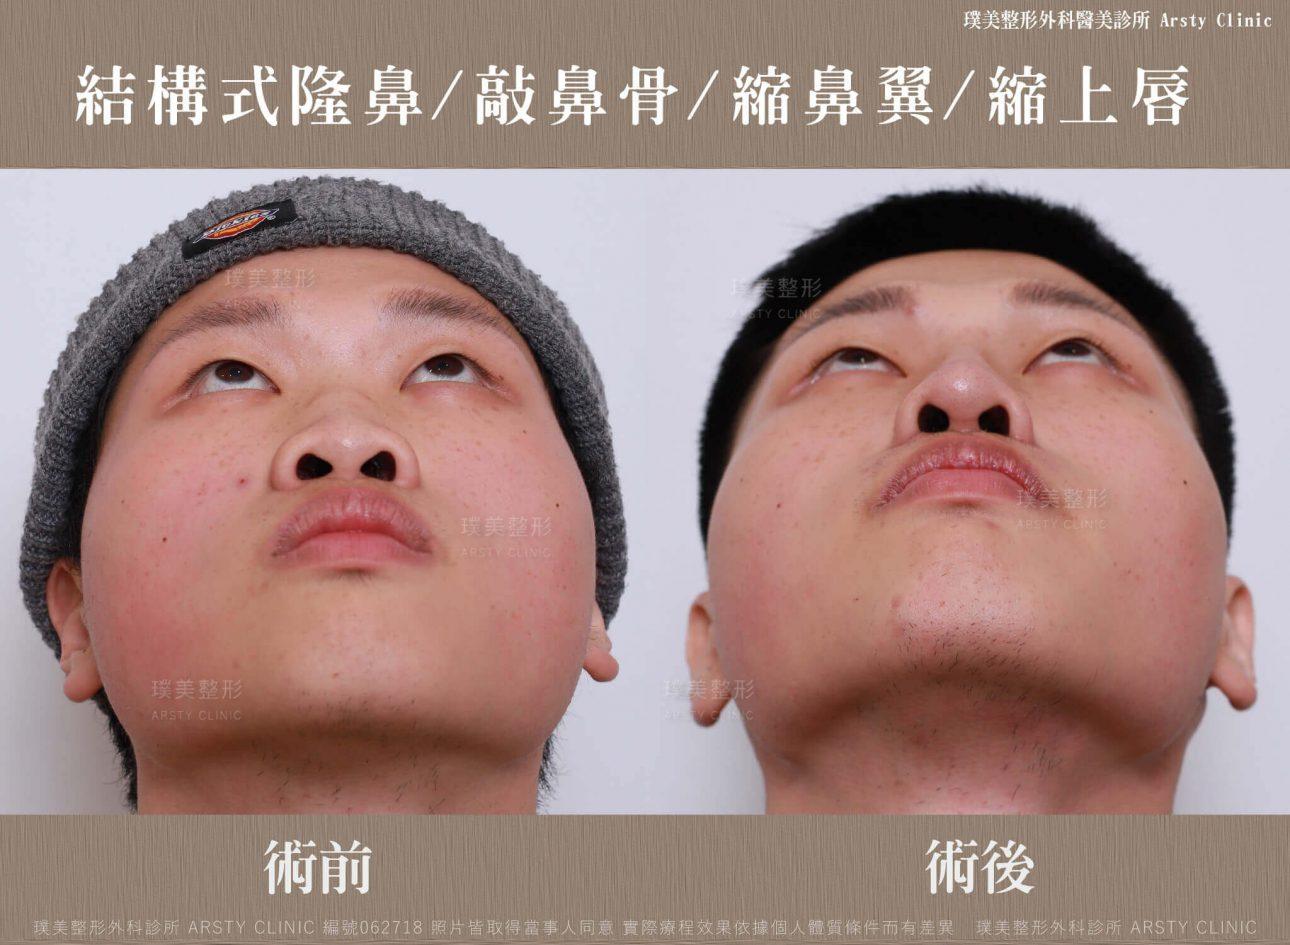 結構式隆鼻手術 縮鼻翼 敲鼻骨 縮上唇 062718 正面抬頭 1